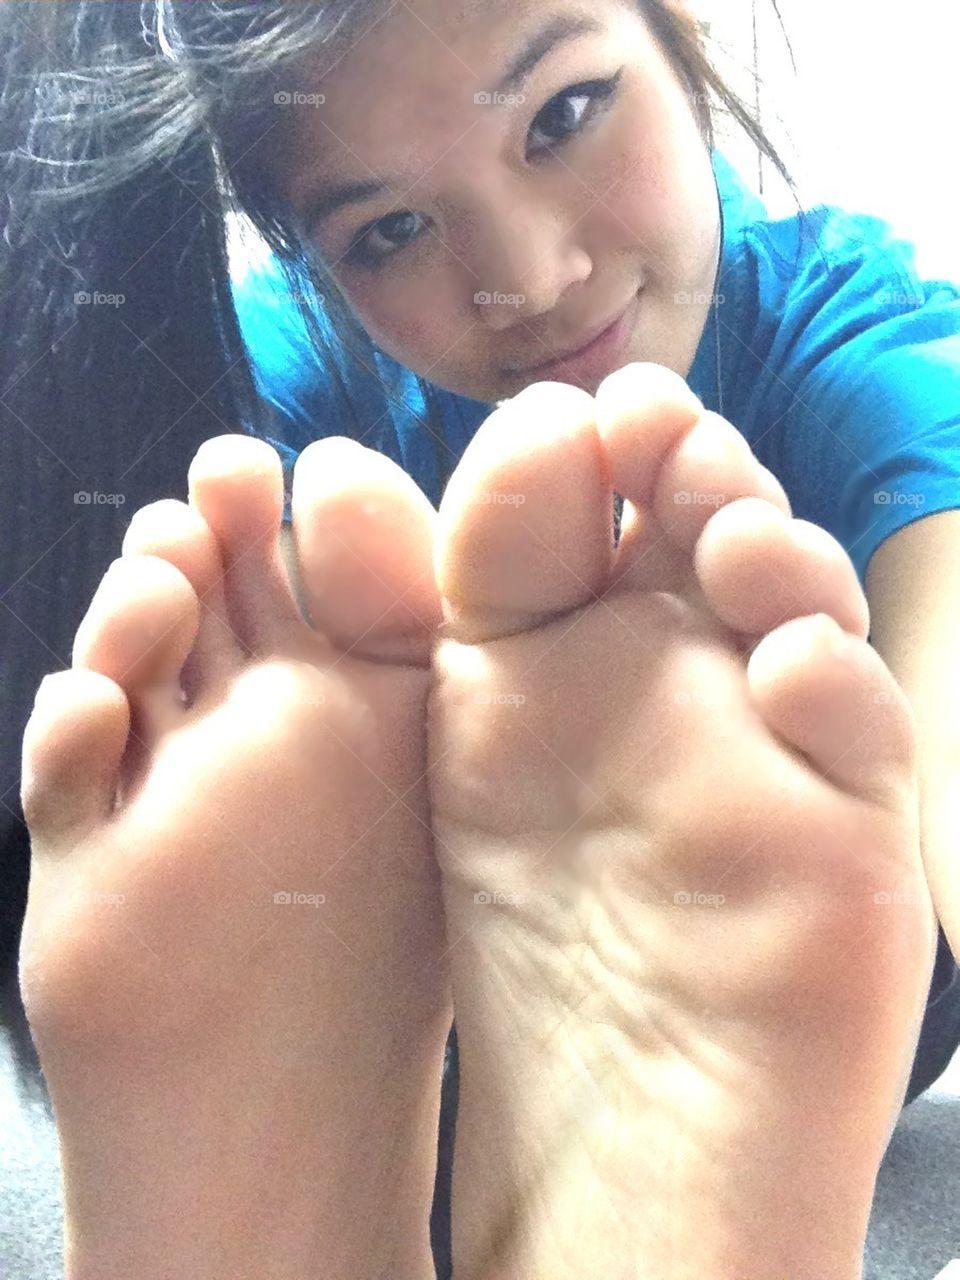 foap: cute asian feet stock photoxoxocarsonxoxo